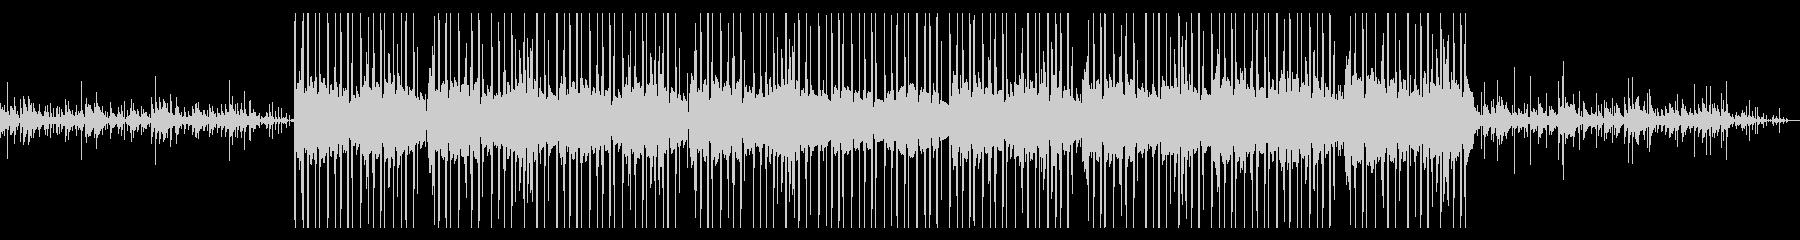 オルゴールとピアノのチルヒップホップの未再生の波形